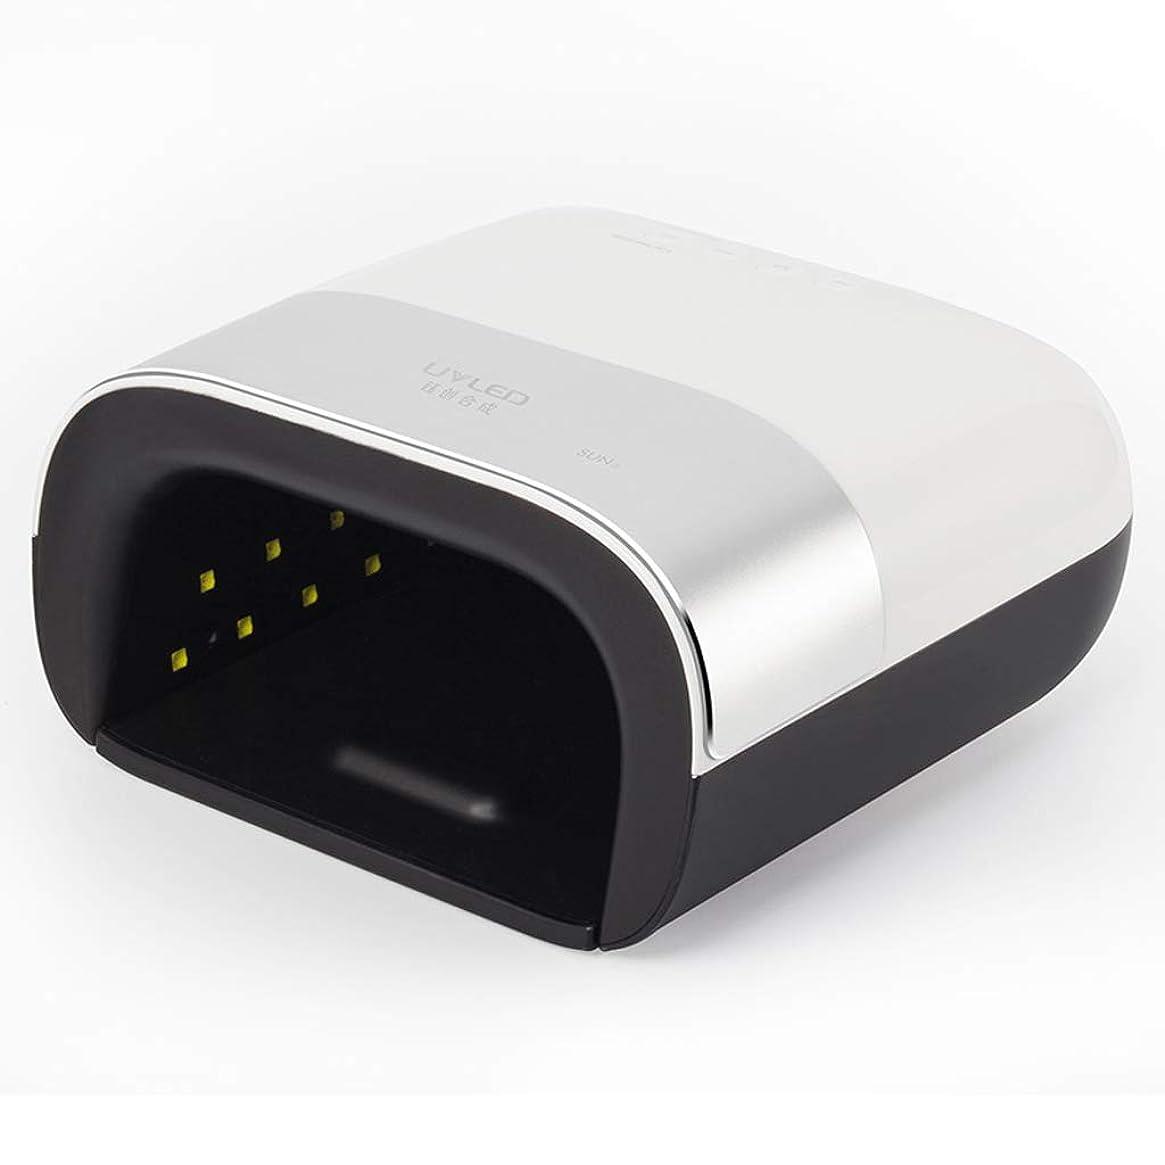 対人かみそり不快なネイル光線療法マシン、痛いベーキングラバーネイルランプ、UVLED二重光源ランプ電力48W